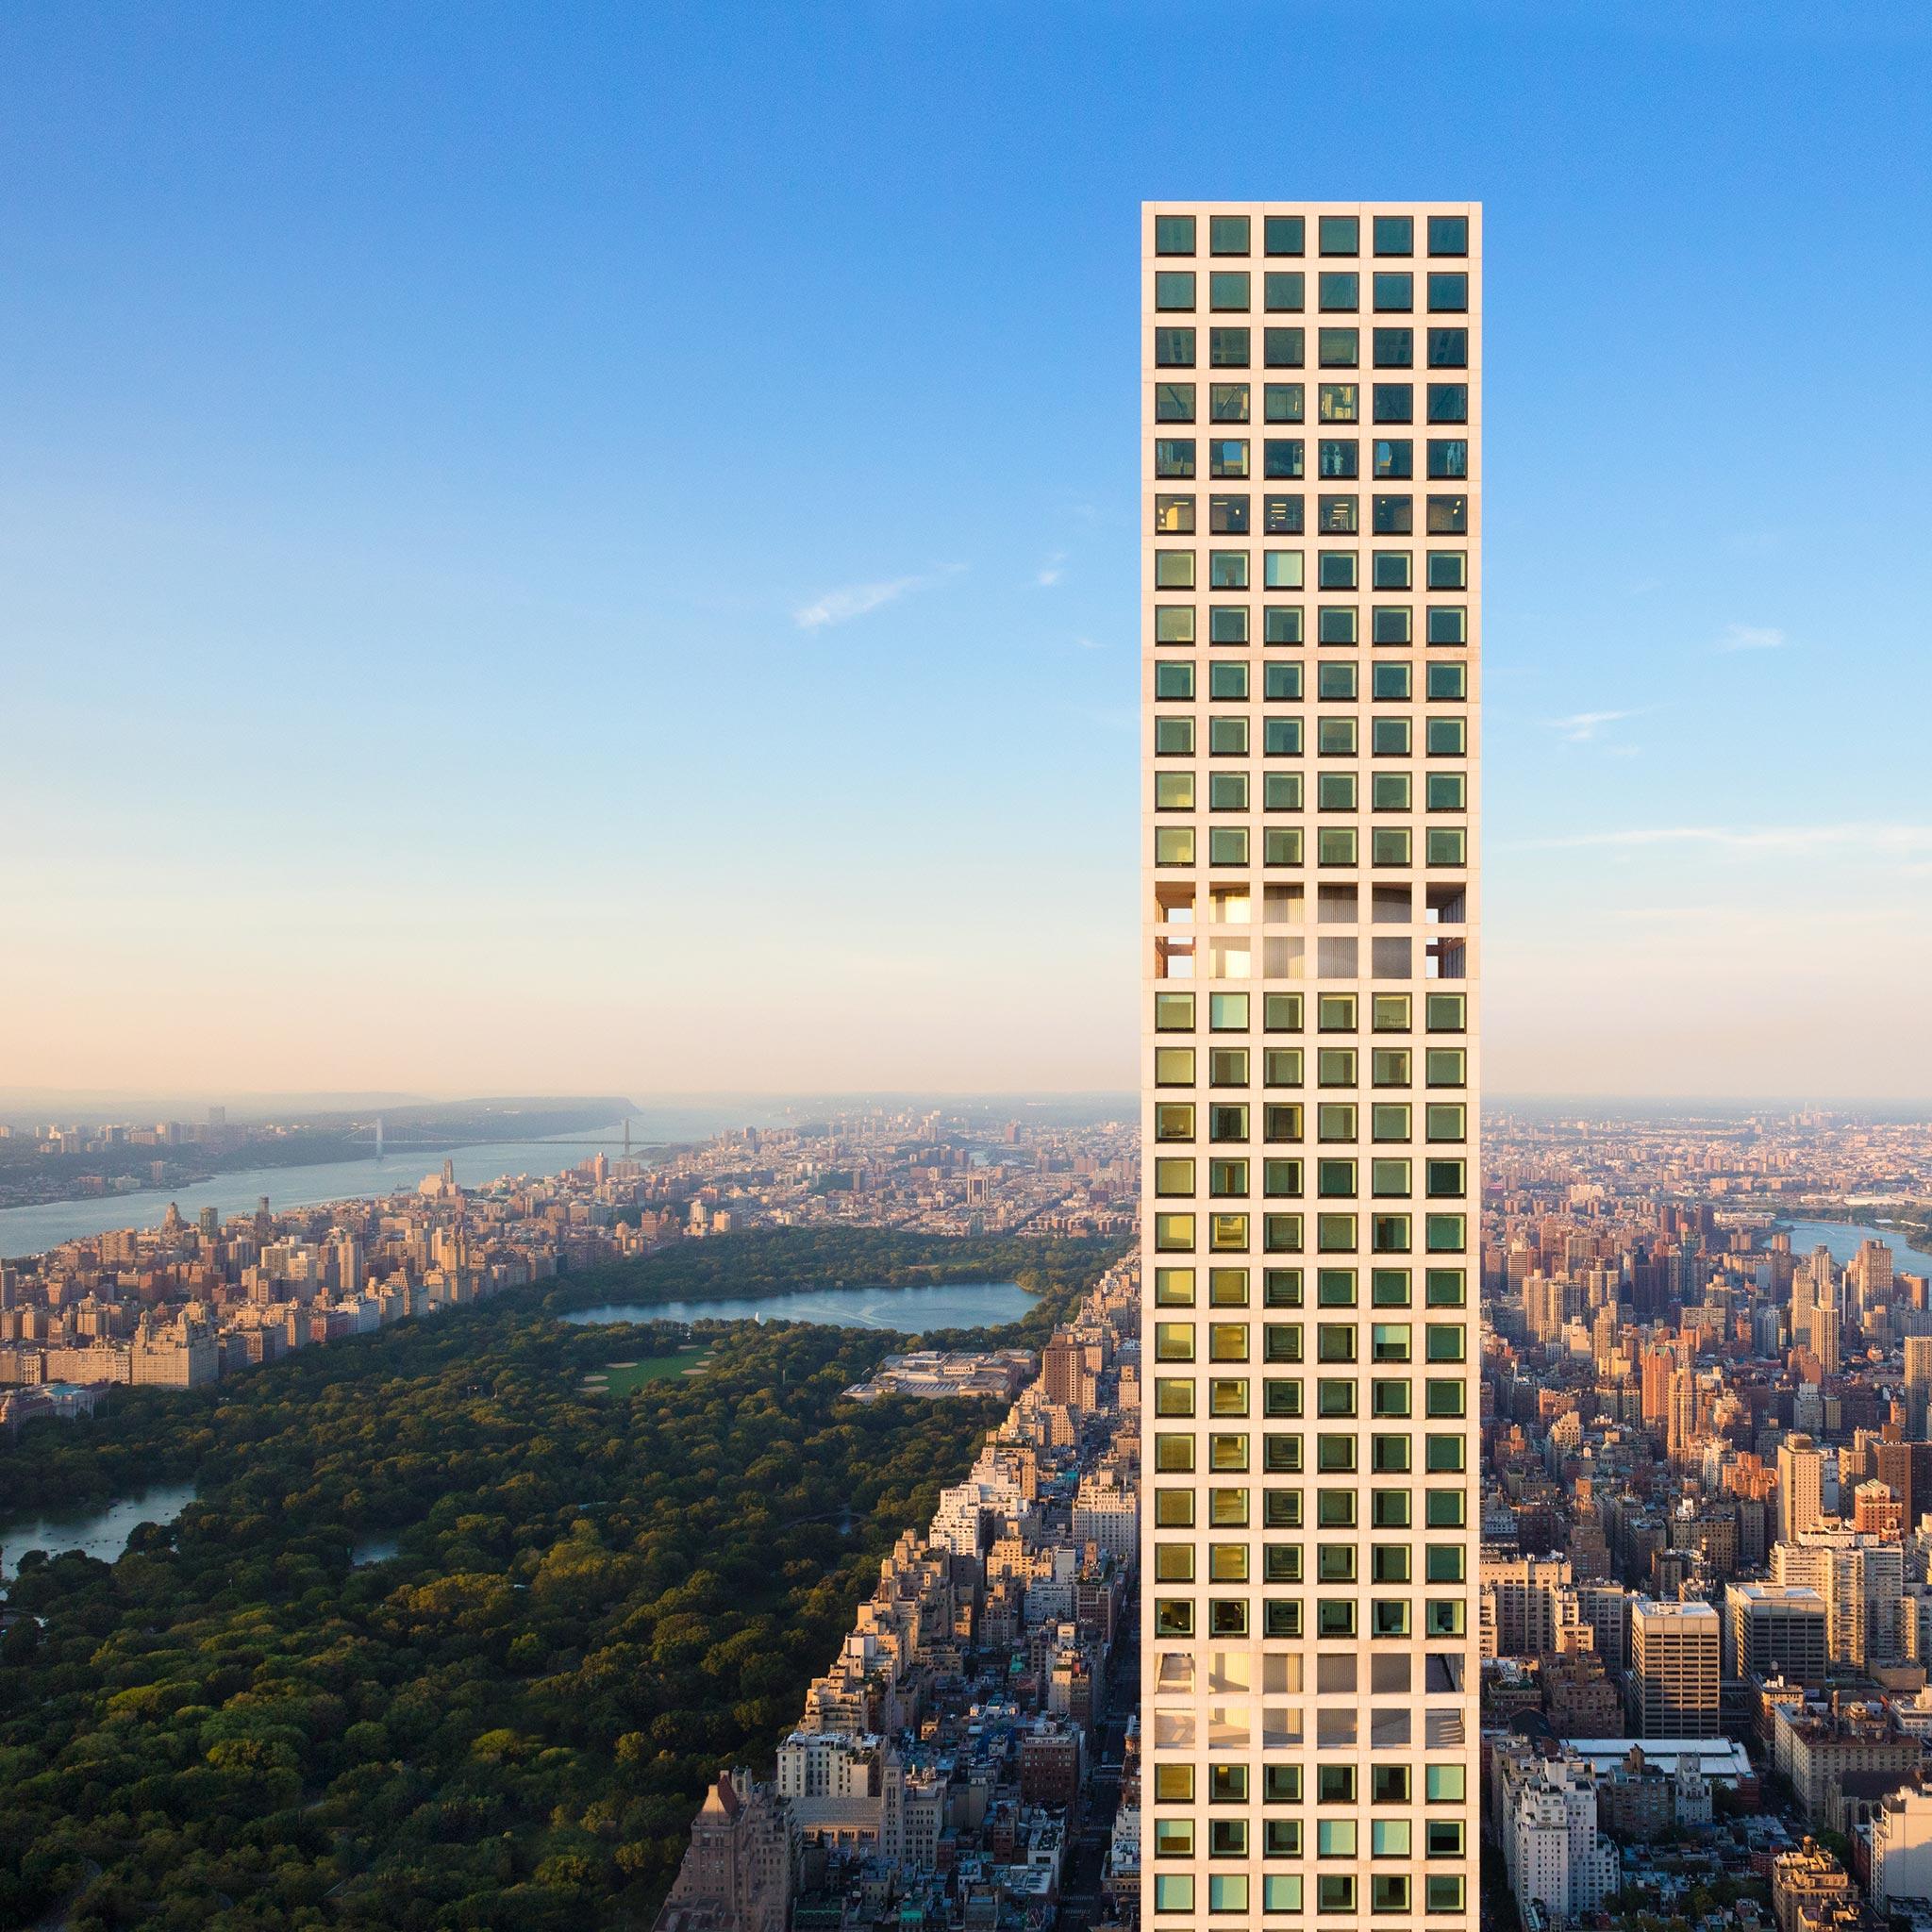 Tòa nhà 432 Park Avenue ở góc chụp gần.